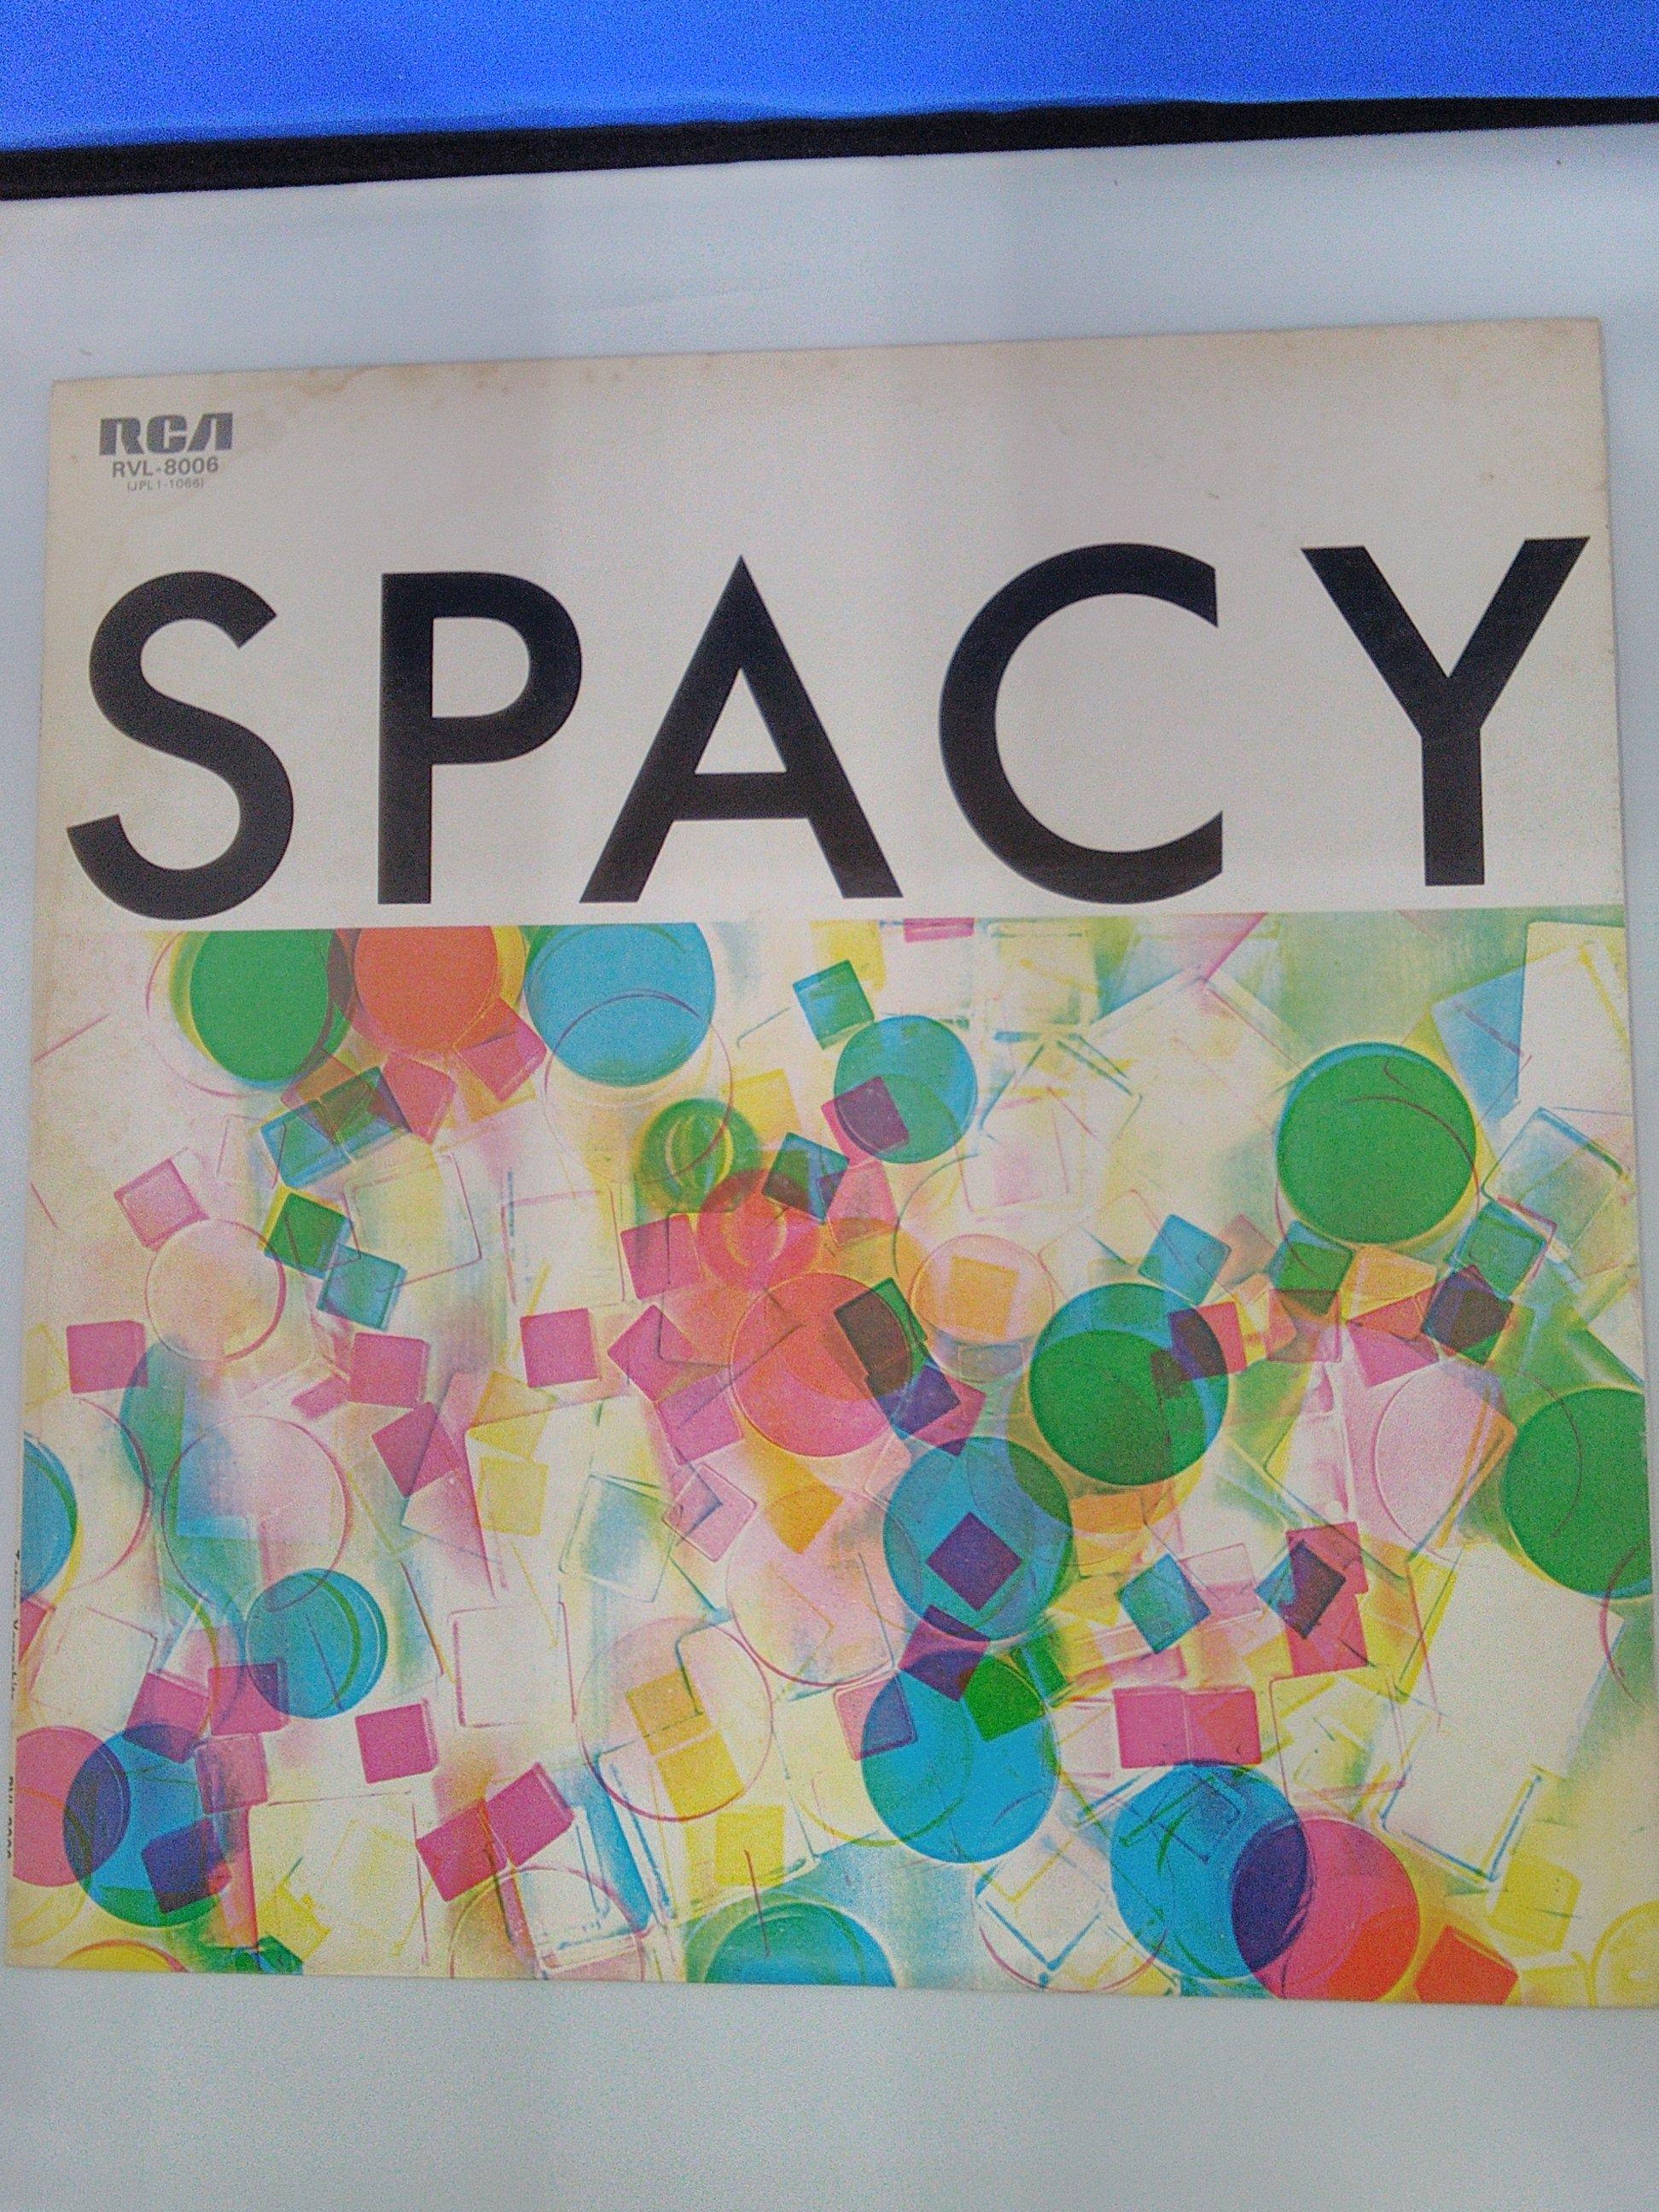 山下 達郎 SPACY RVL-8006 RCA